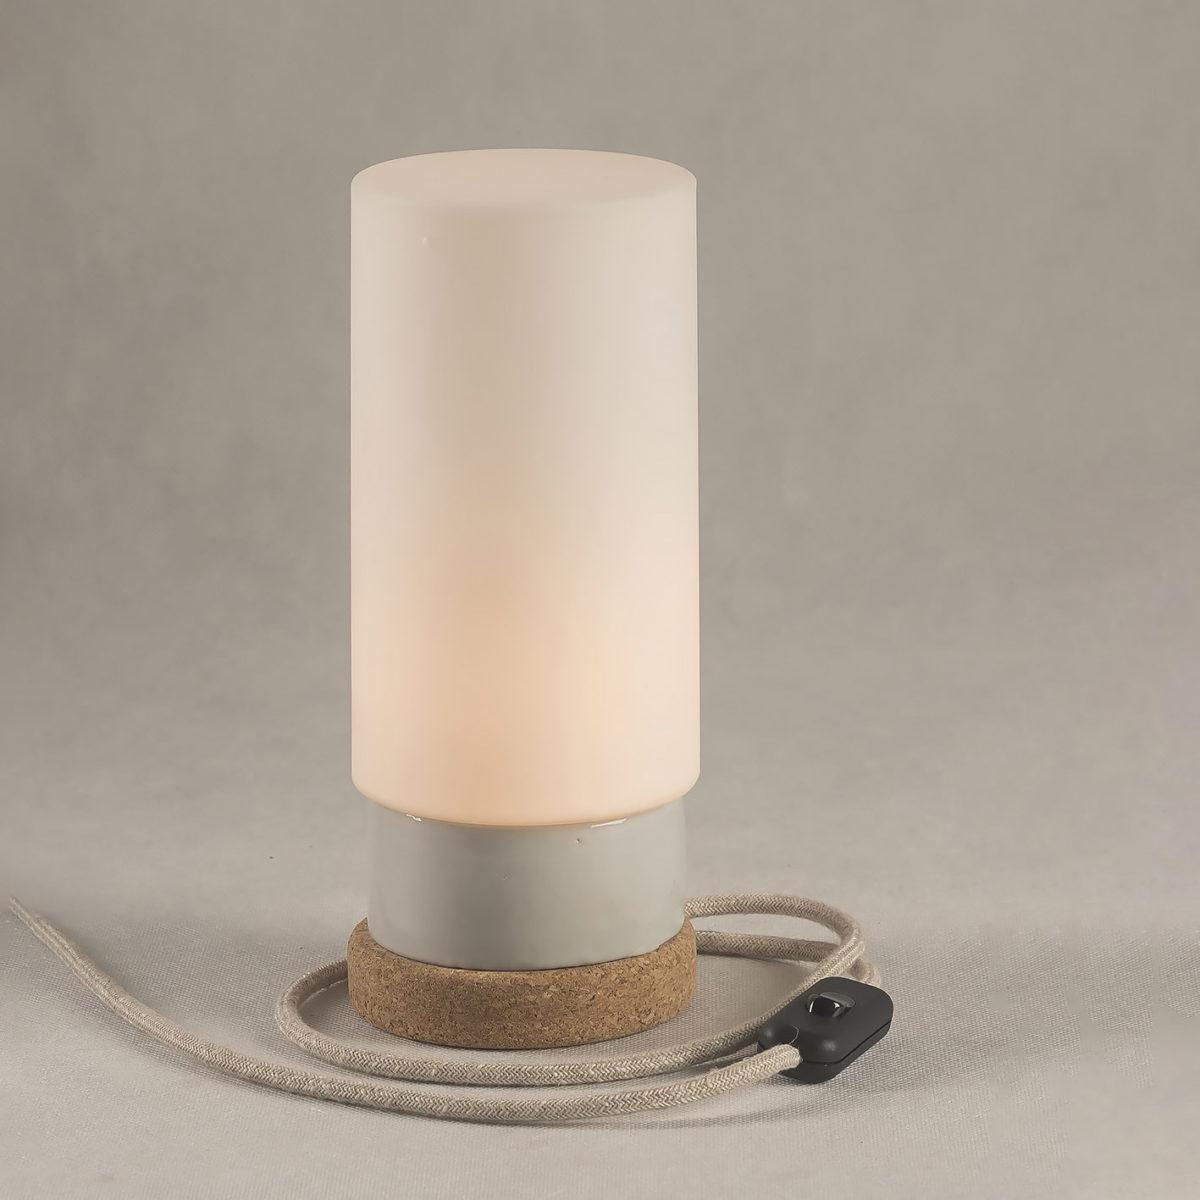 lampka korkowa ze szklanym kloszem cylinder